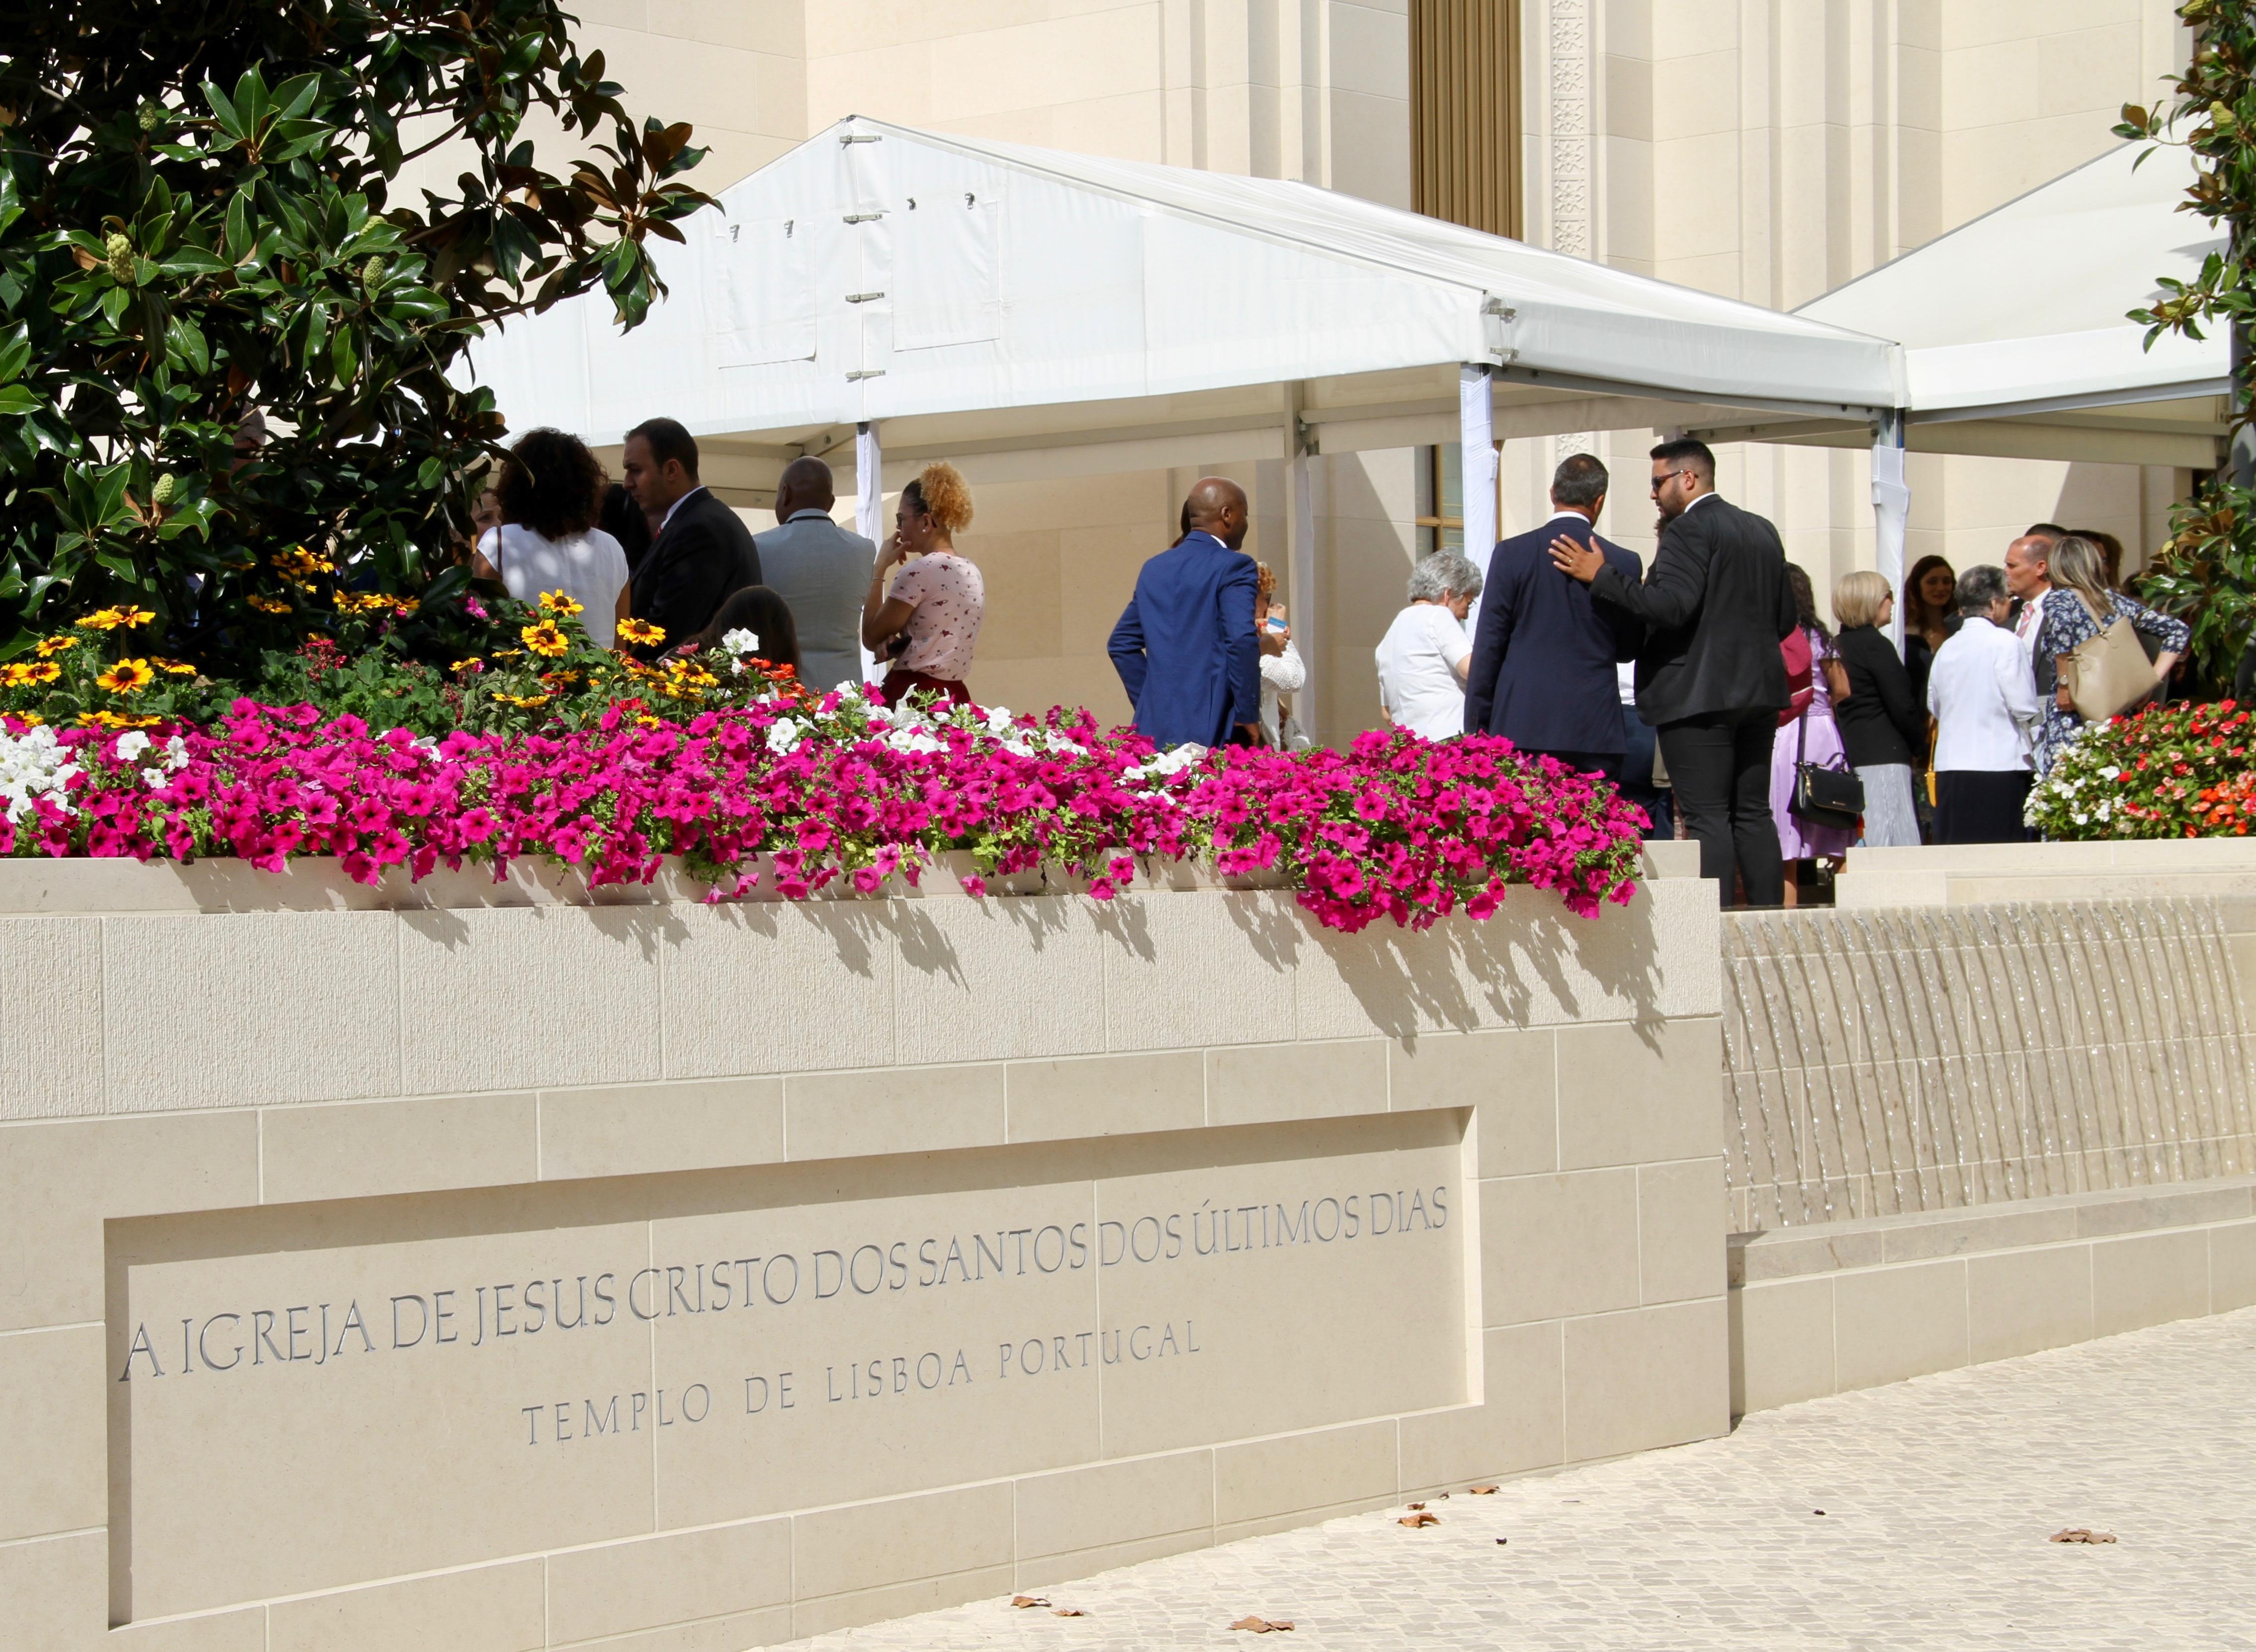 Com a placa do Templo de Lisboa Portugal e uma das fontes em primeiro plano, os membros reúnem-se fora do templo após a primeira sessão dedicatória no domingo, 15 de setembro de 2019.